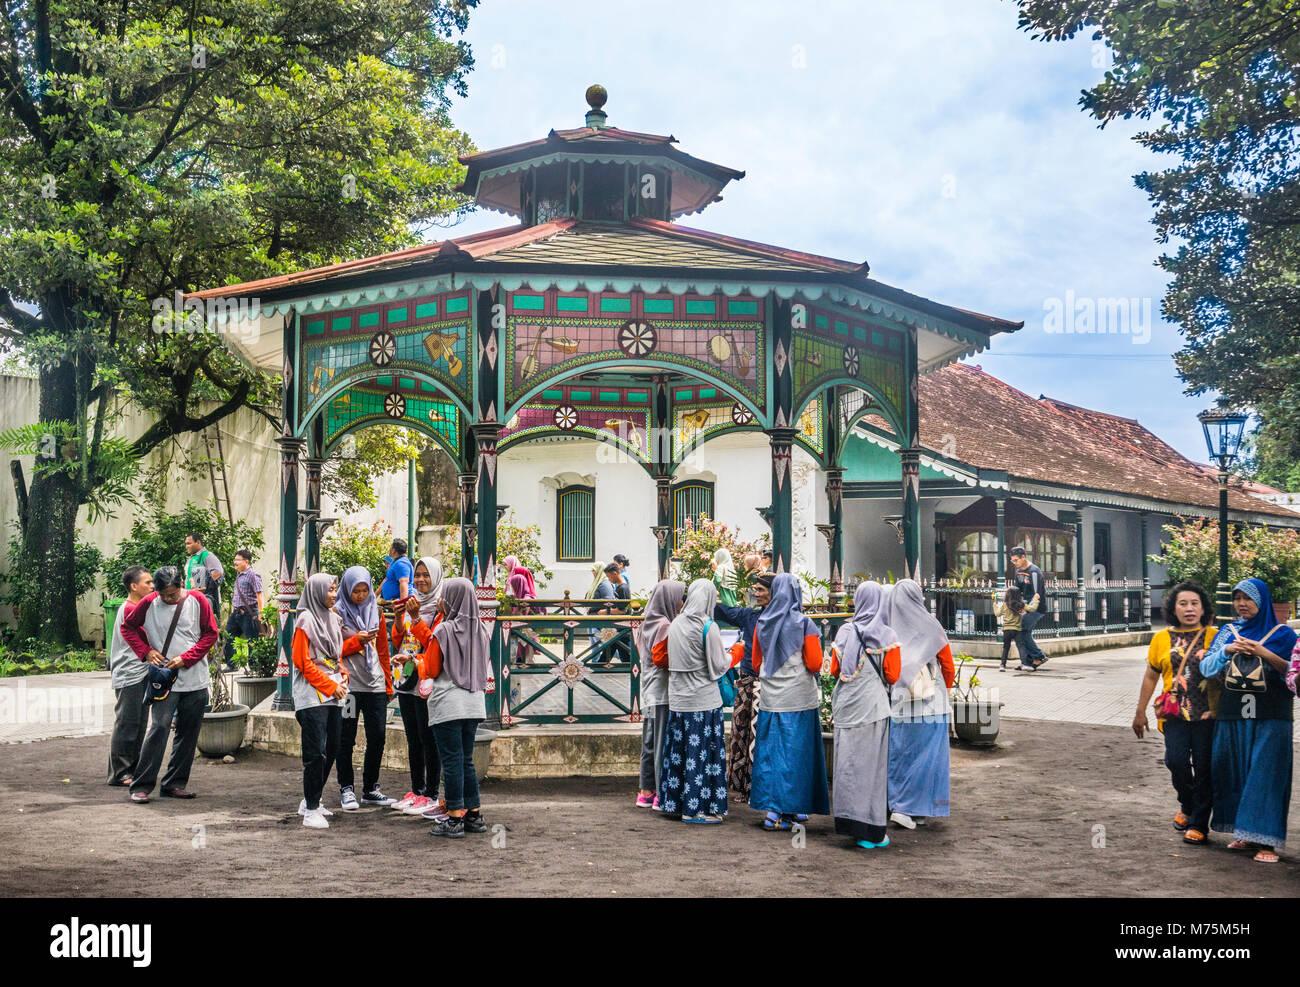 rotunda pavilion at the Kraton Ngayogyakarta Hadiningrat, the palace of the Yogyakarta Sultanate, Central Java, - Stock Image